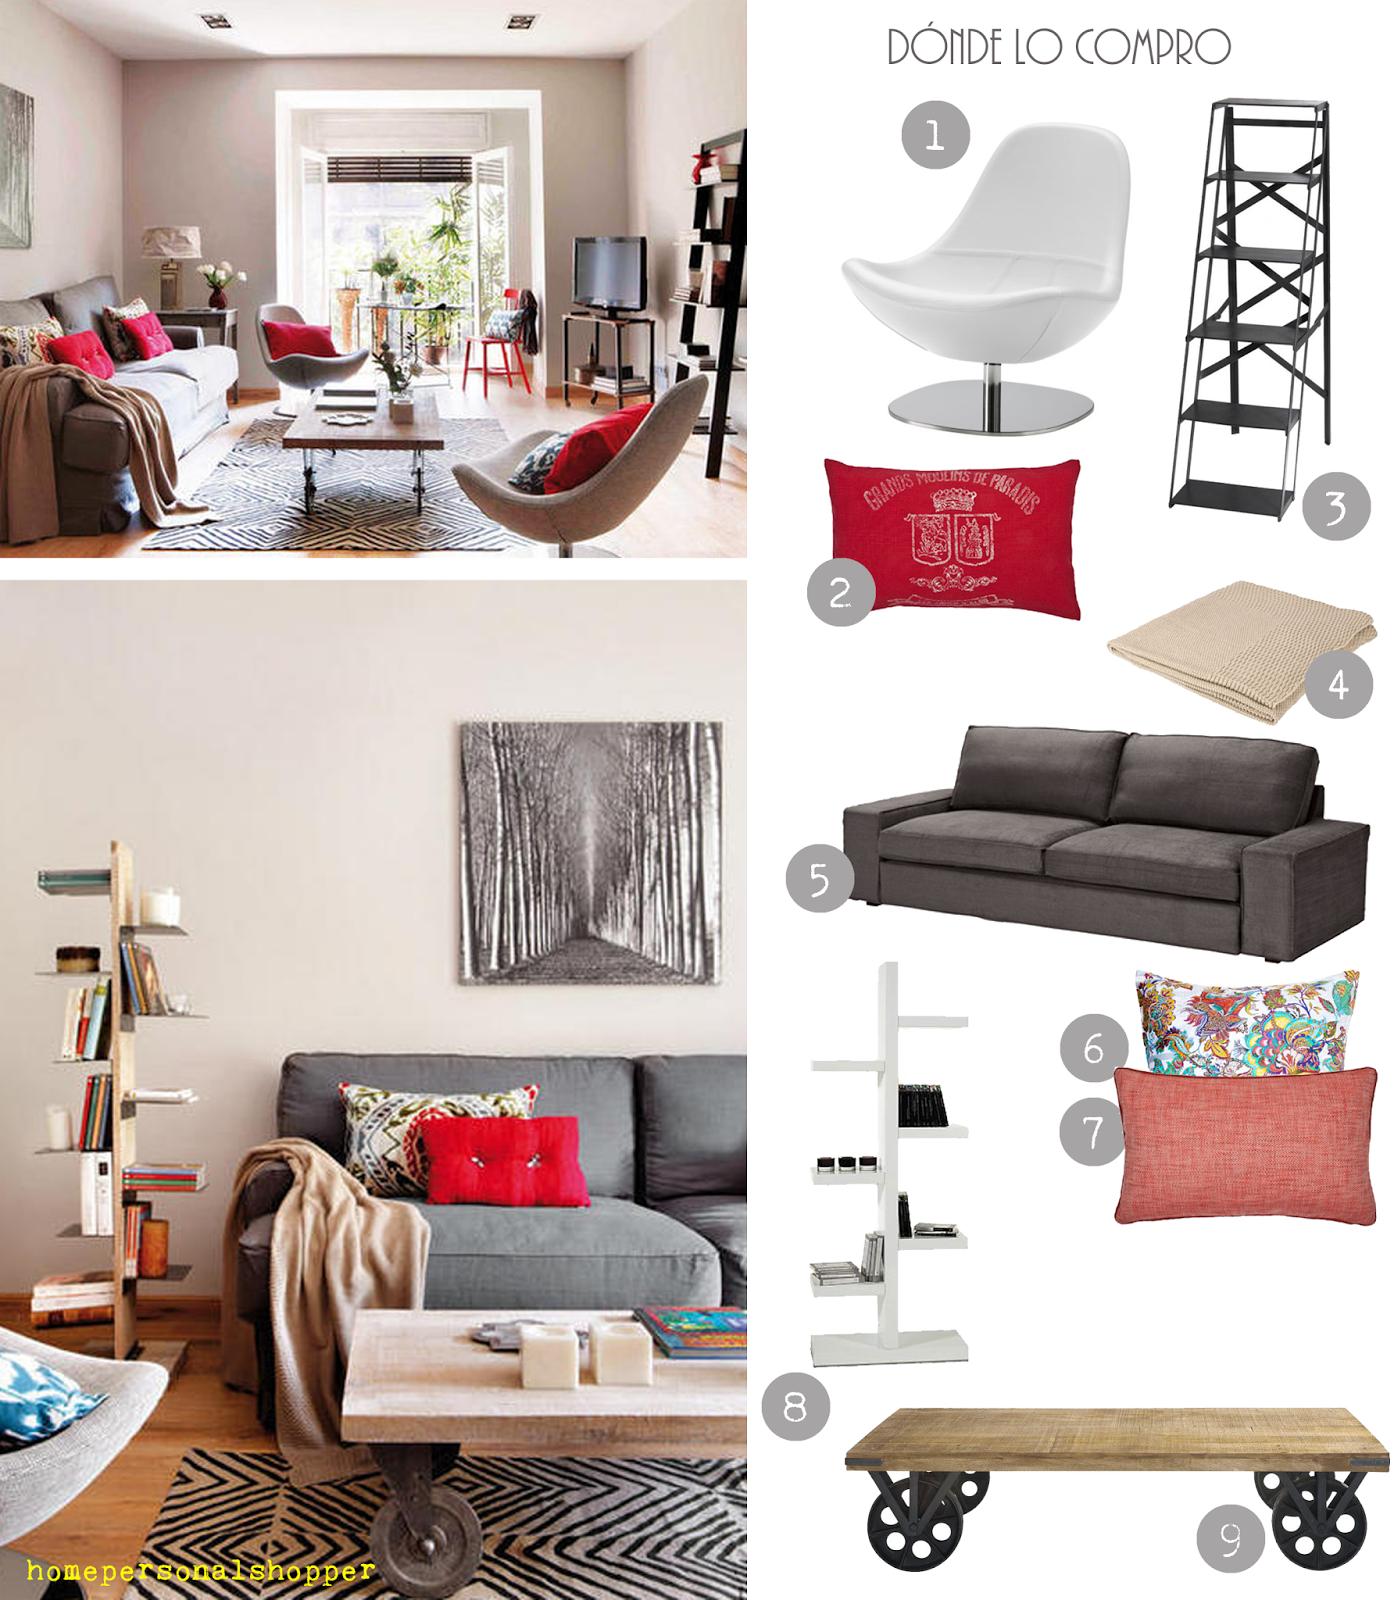 Un piso acogedor y actual d nde comprar paperblog for Donde amueblar un piso barato